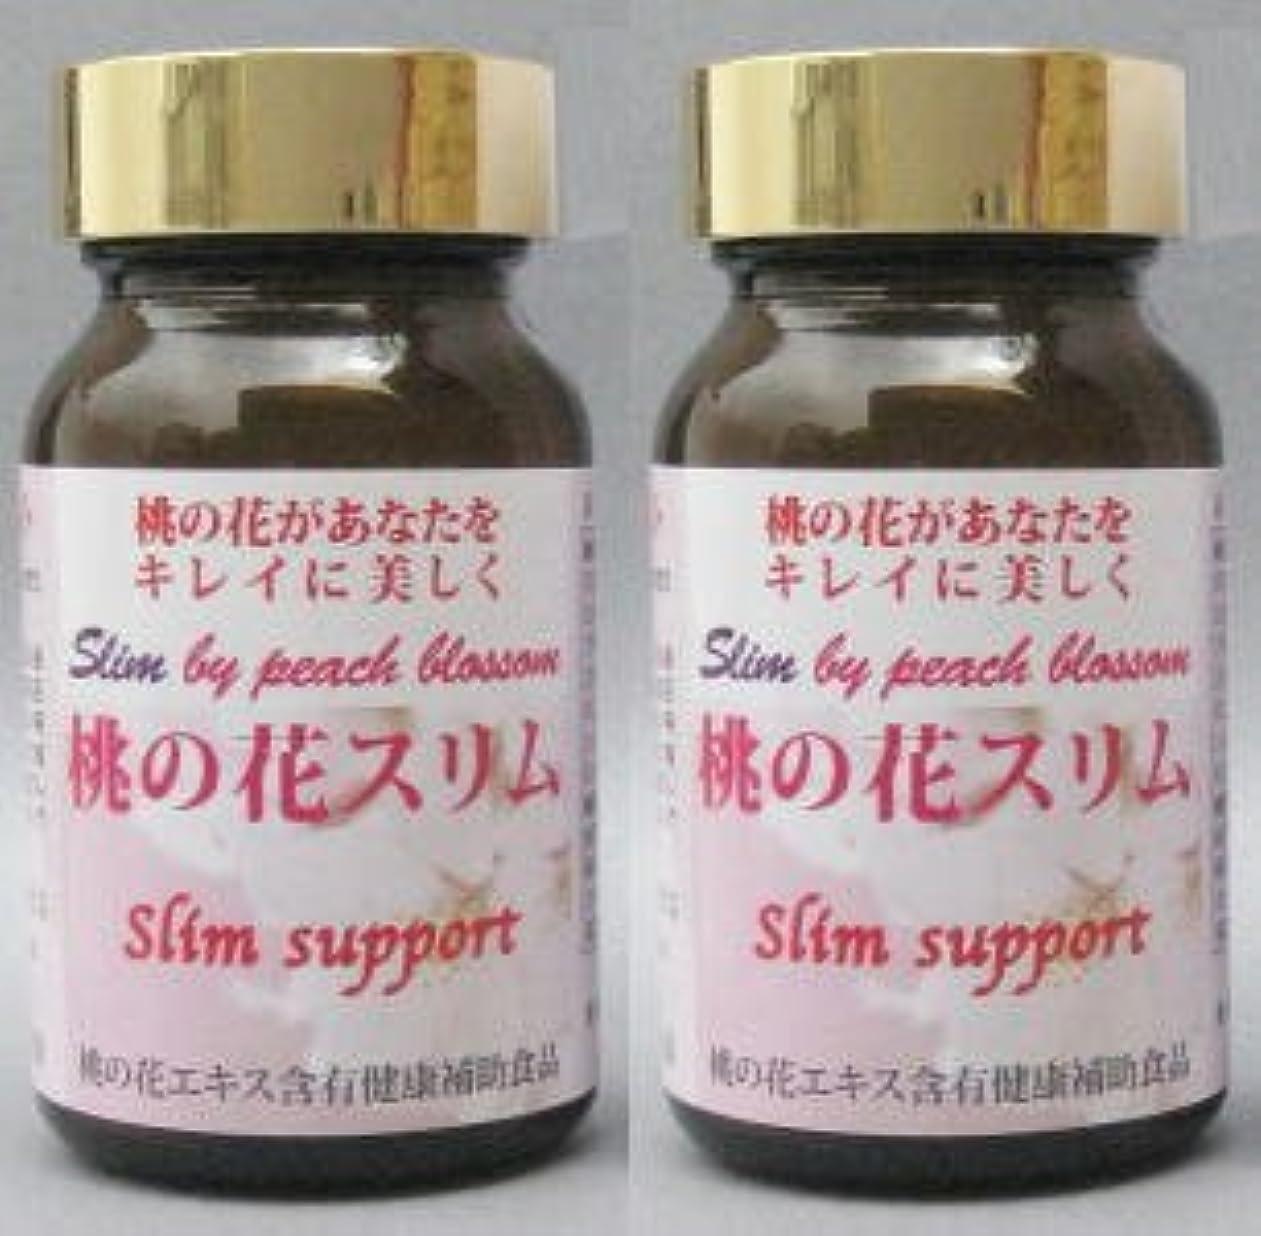 腐ったキャンパス申し立てSlim support 桃の花エキス含有健康補助食品 桃の花スリム 200mg×180粒 2箱